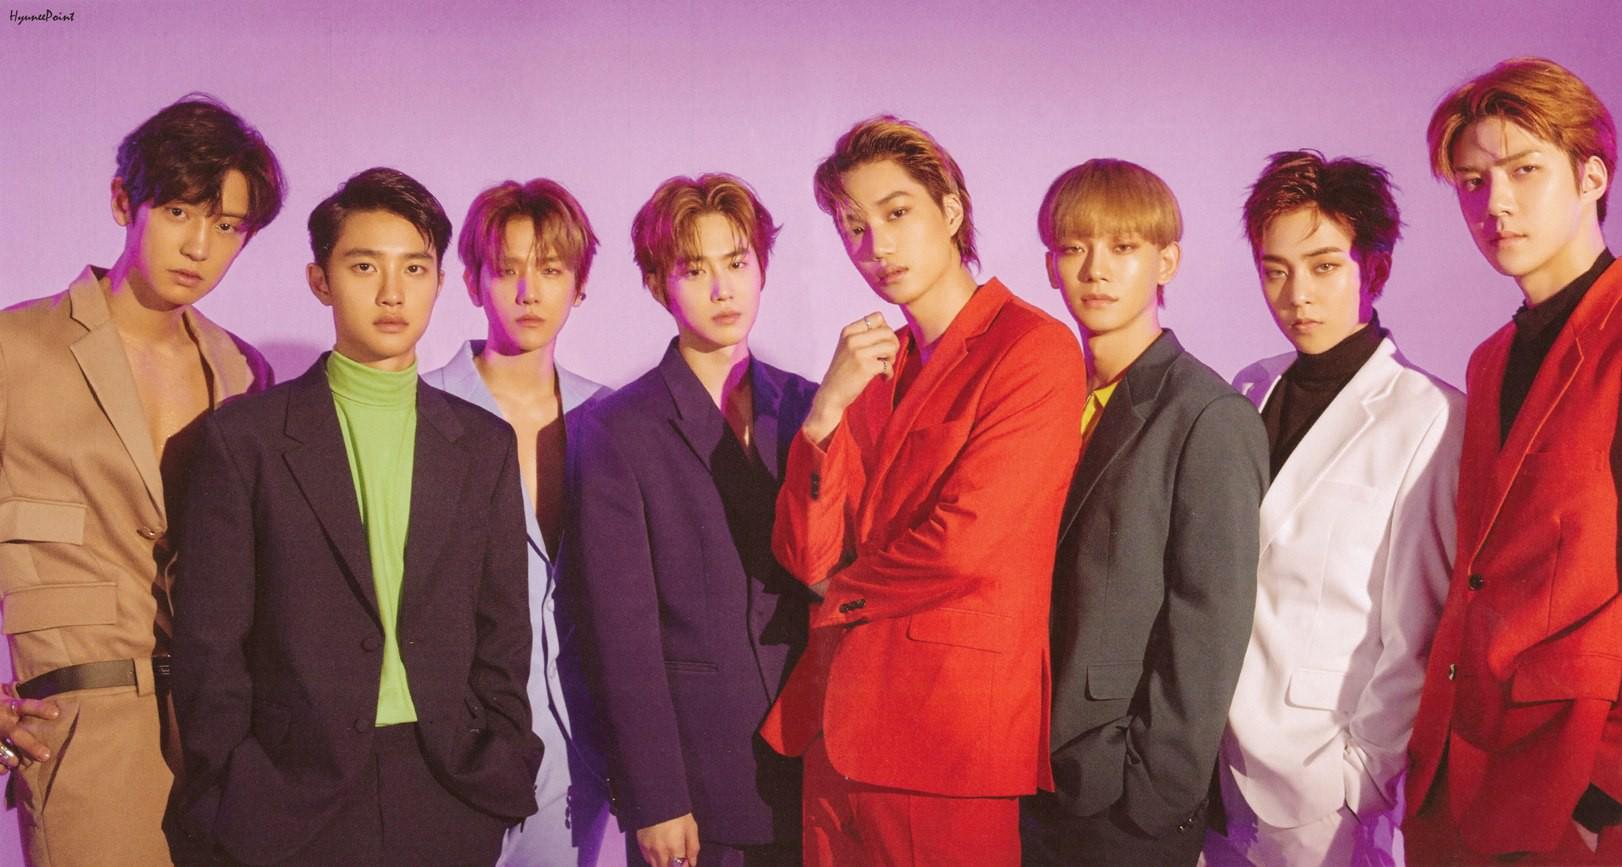 Chuỗi thành tích vô tiền khoáng hậu của BTS và BLACKPINK: Tiêu chuẩn mới khiến những nhóm nhạc khác chẳng còn cửa cạnh tranh? - Ảnh 6.